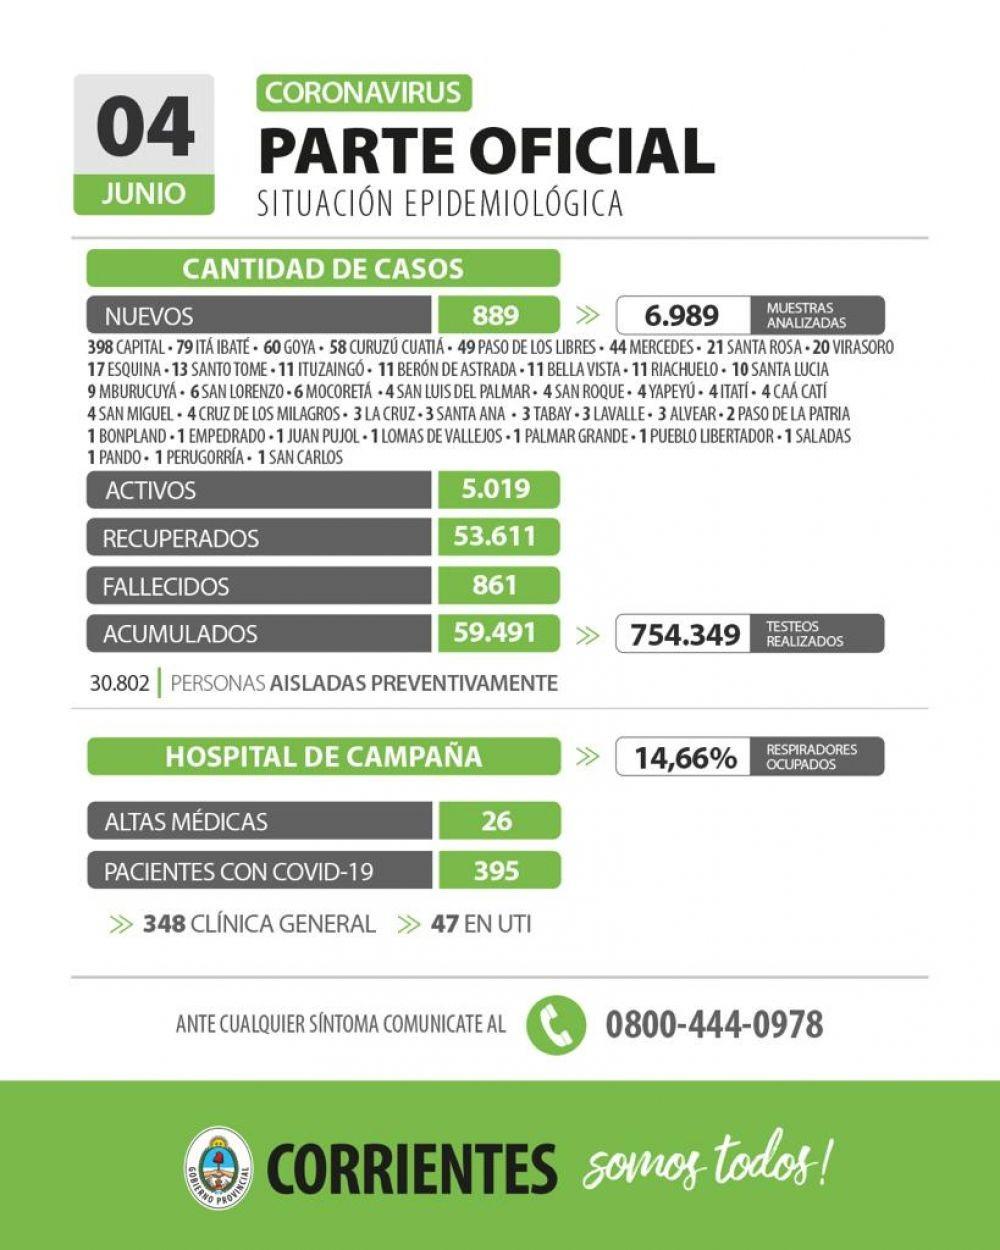 Son 889 los nuevos casos de Coronavirus en la provincia de Corrientes